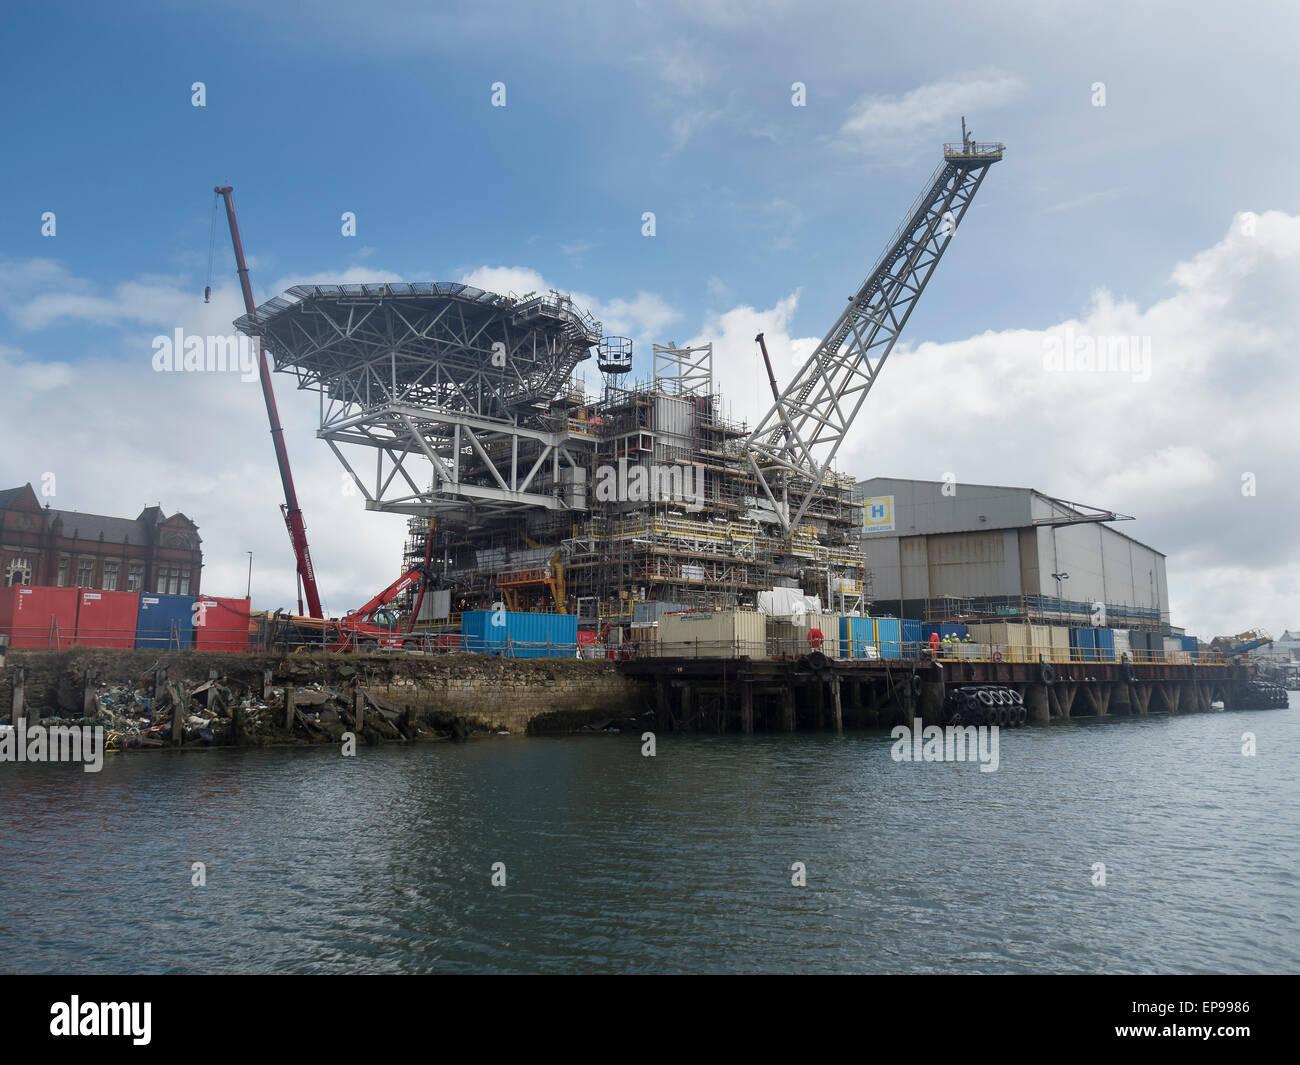 Plataforma de petróleo Docas de Hartlepool Imagens de Stock